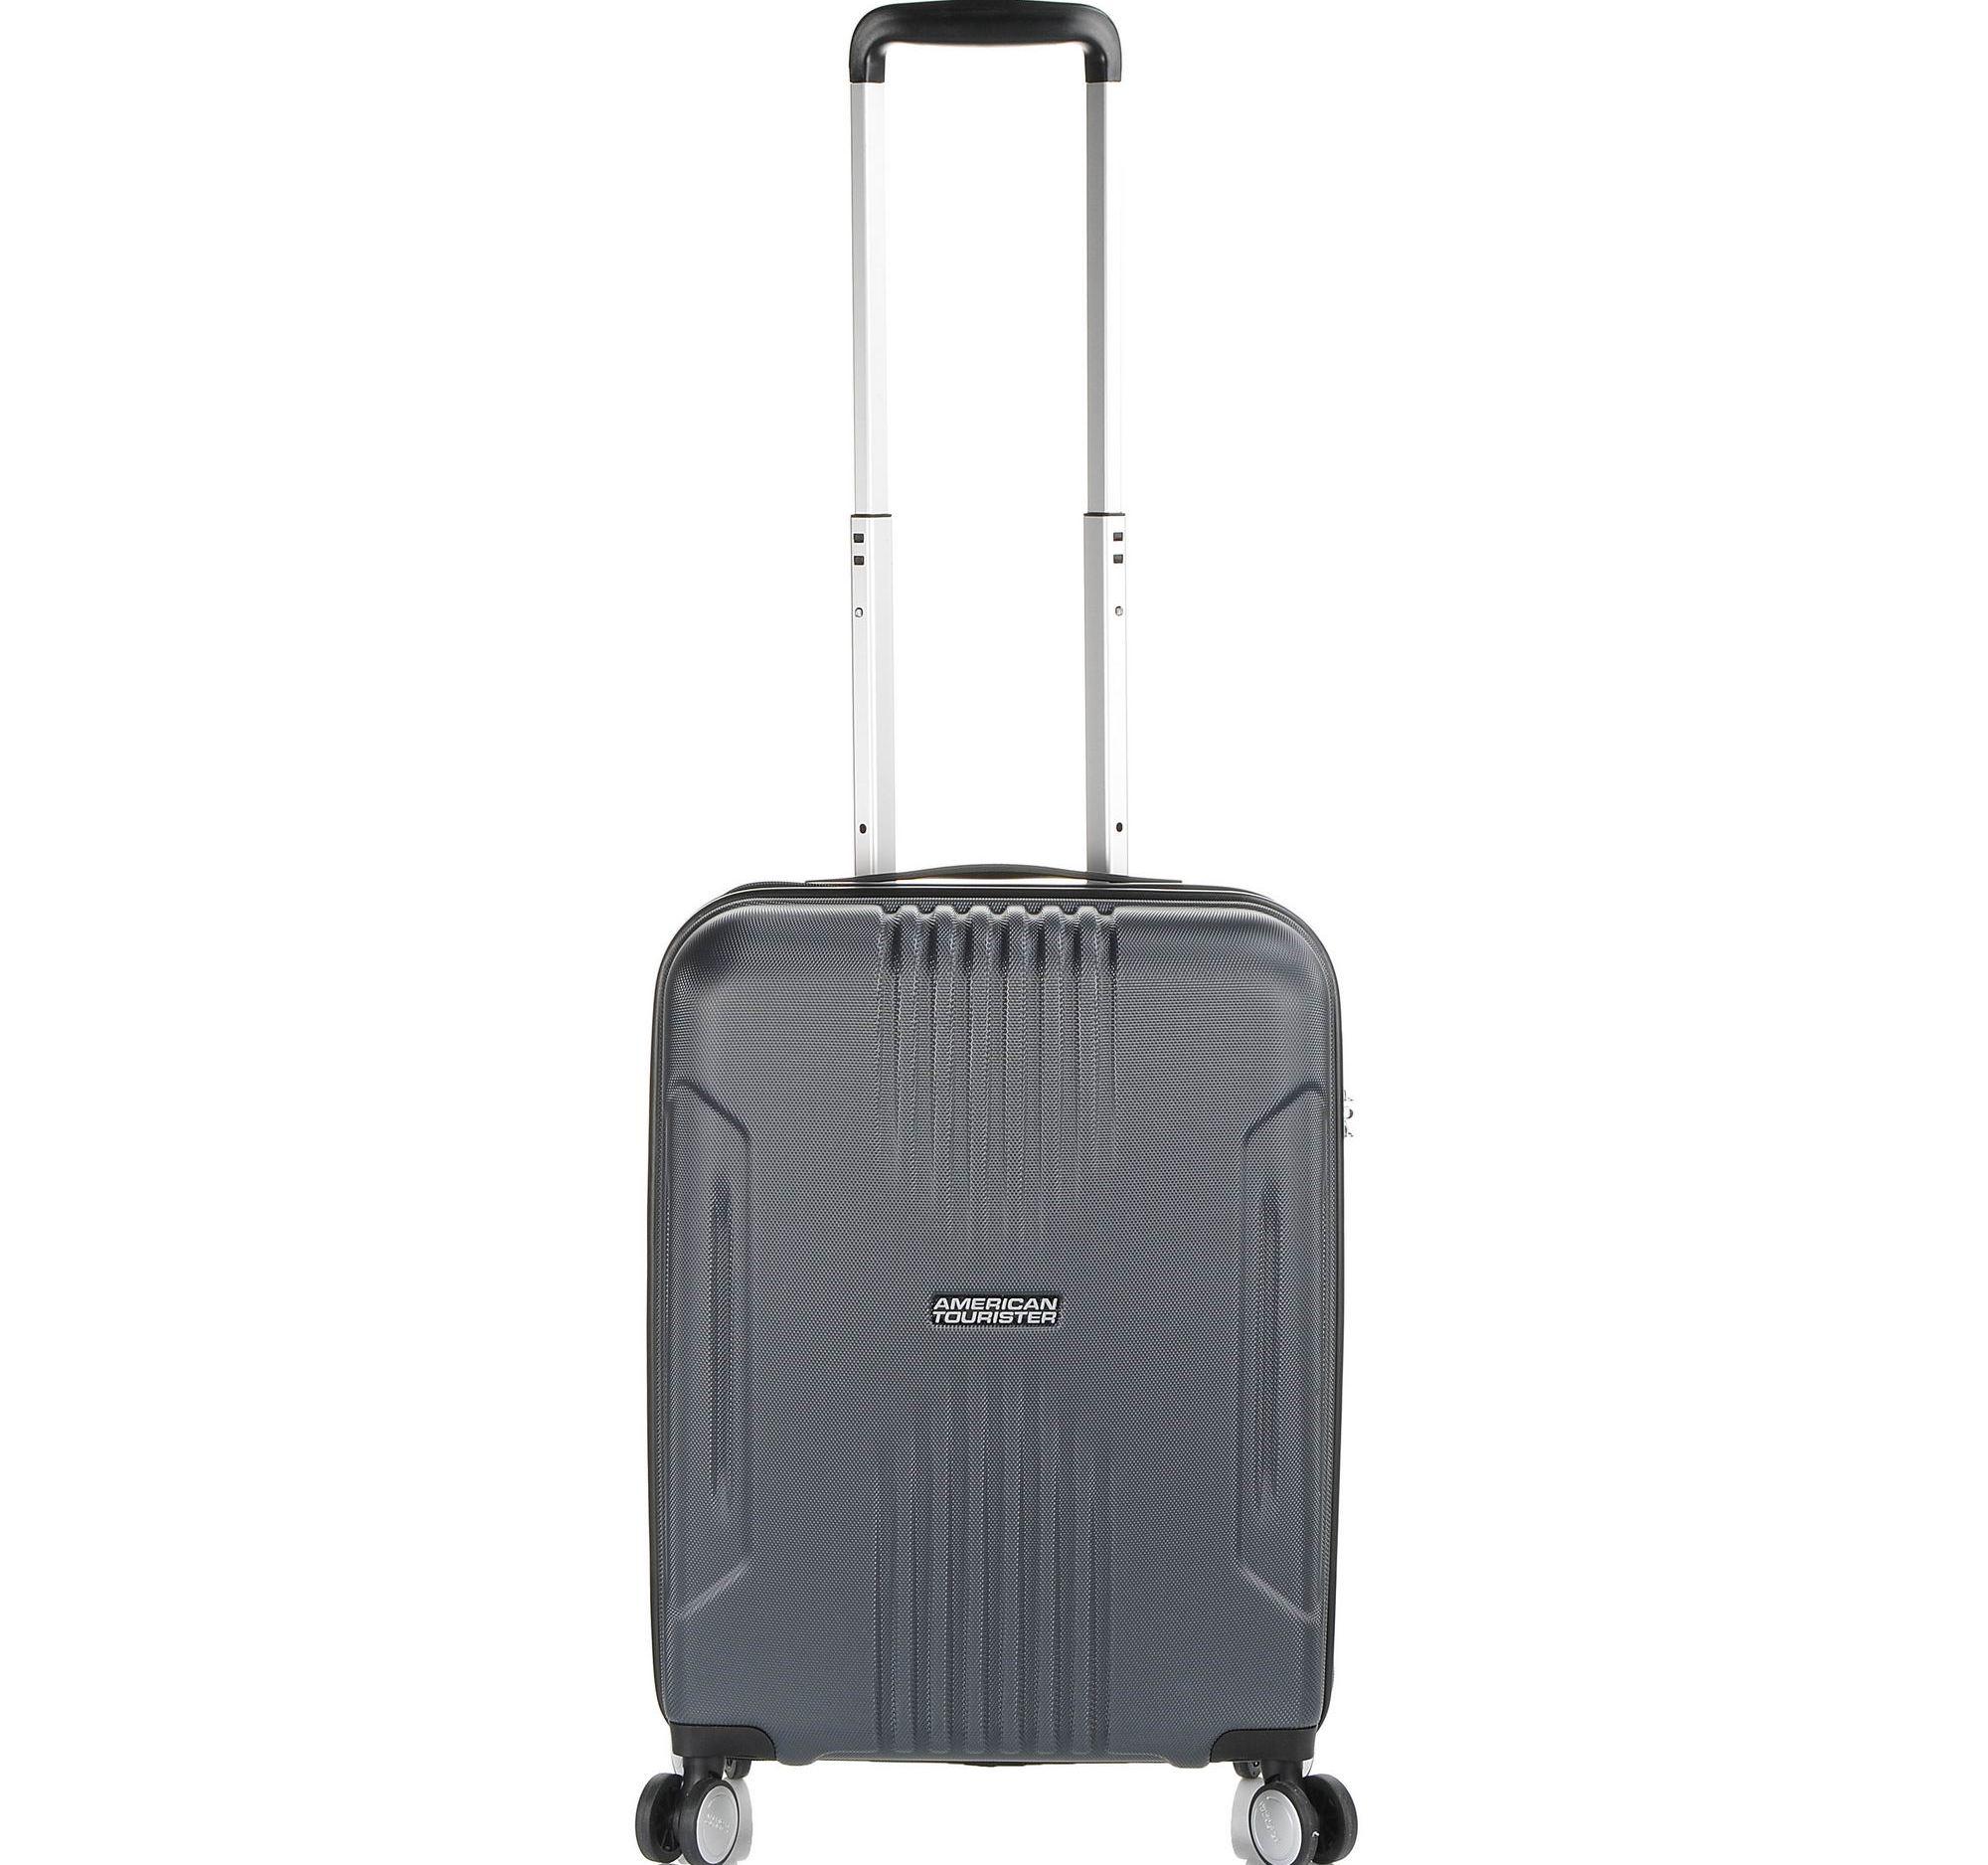 Βαλίτσα Σκληρή American Tourister Tracklite Spinner 55/20 Cabin Size 88742